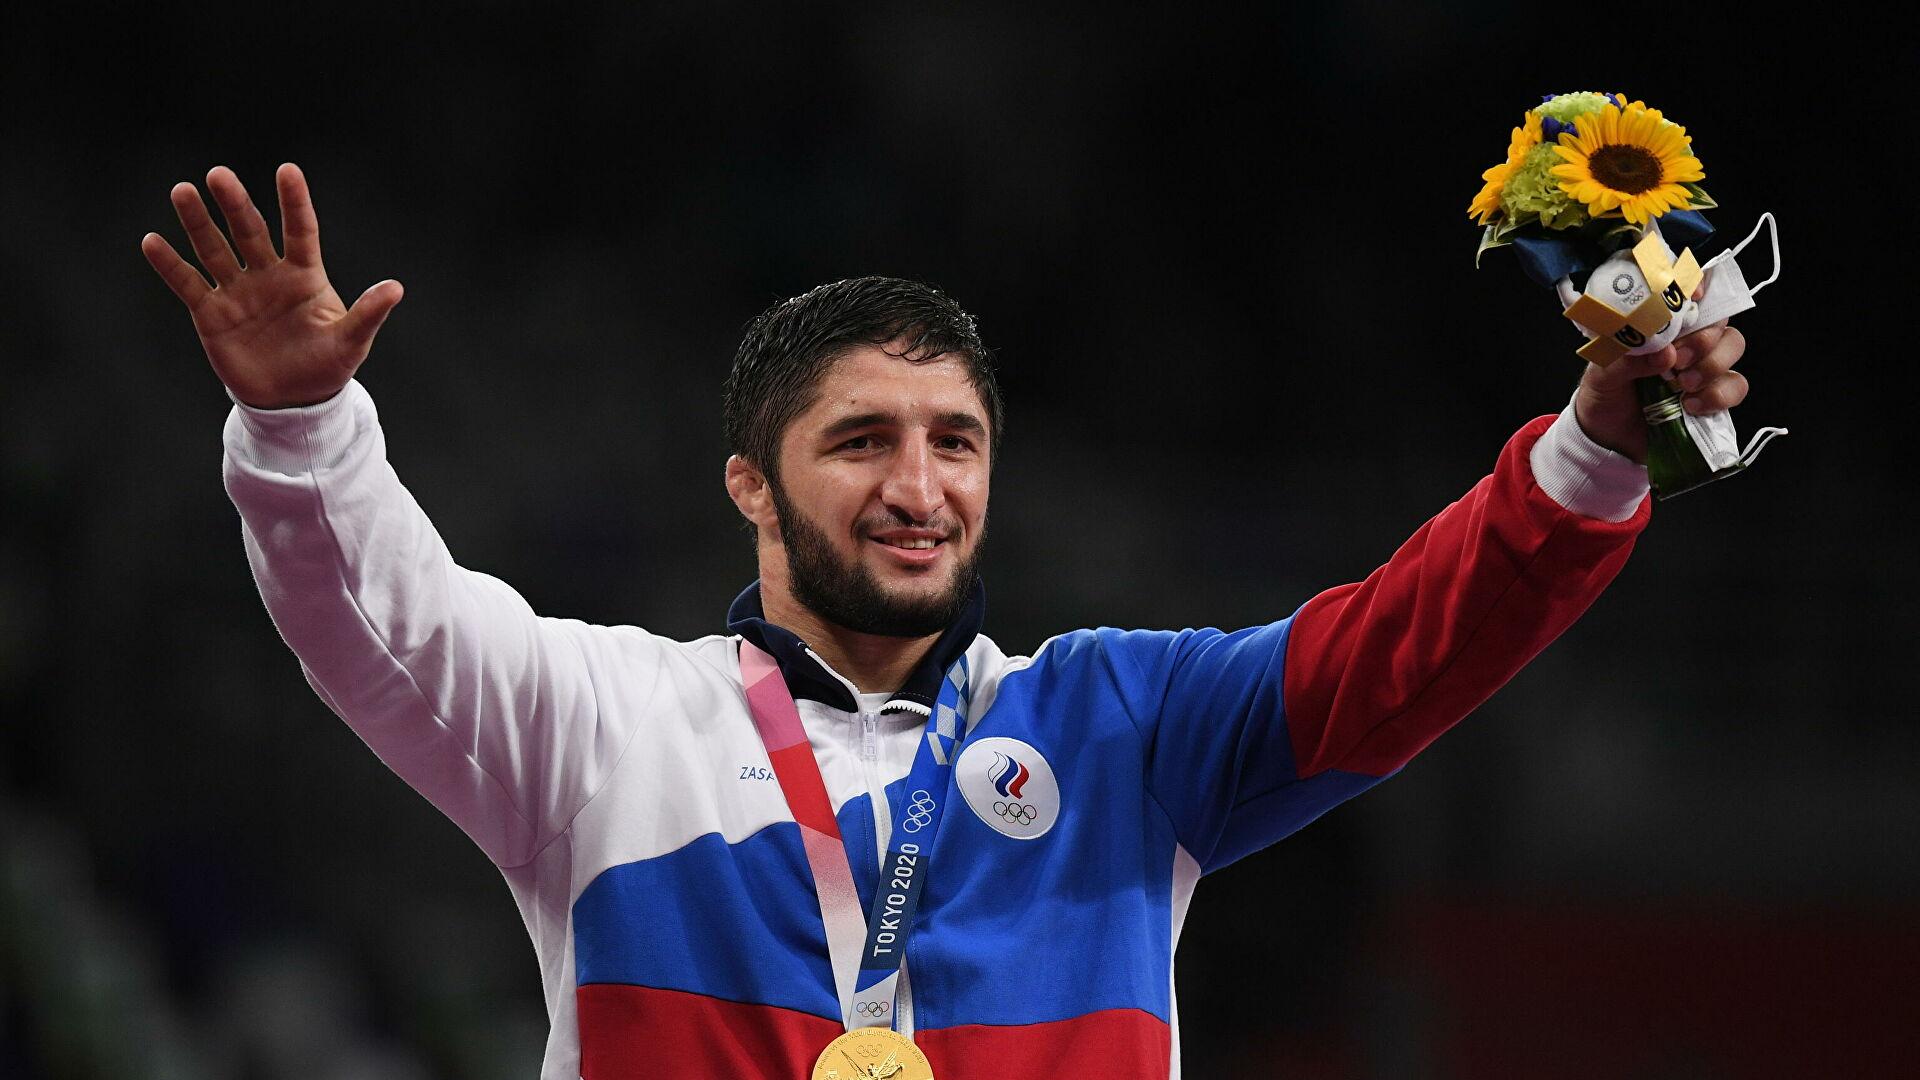 Абдулрашид Садулаев станет знаменосцем сборной России на закрытии Олимпиады